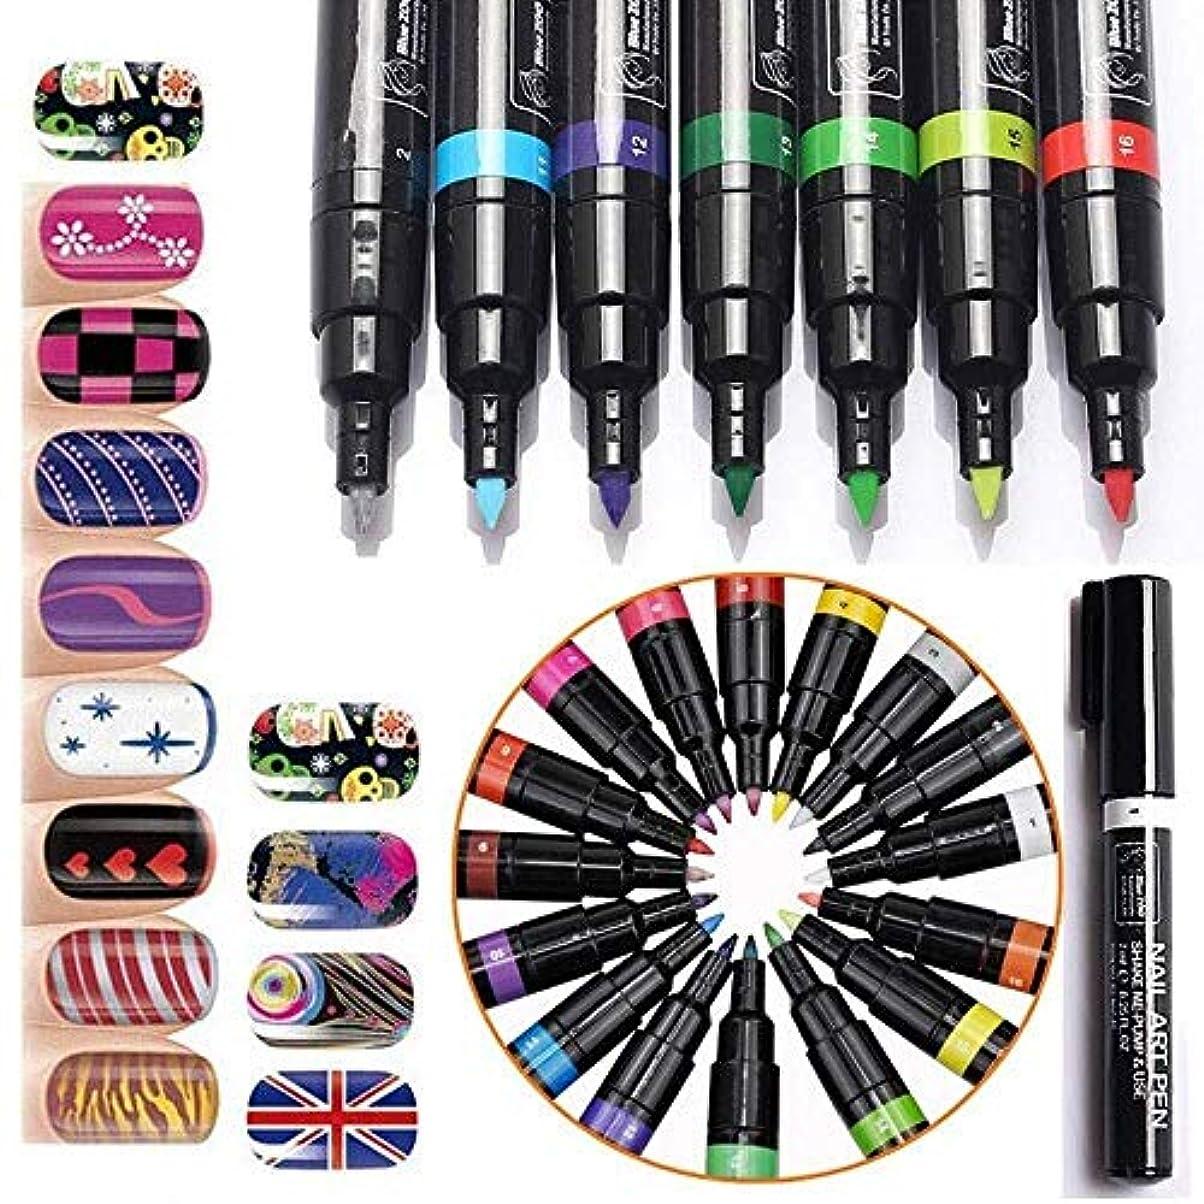 ペインギリック証書争うカラー ネイルアートペン 3Dネイルペン ネイルアートペン ネイルマニキュア液 ペイントペン ペイント DIY 16色 装飾図面ドットポリッシュペン セット